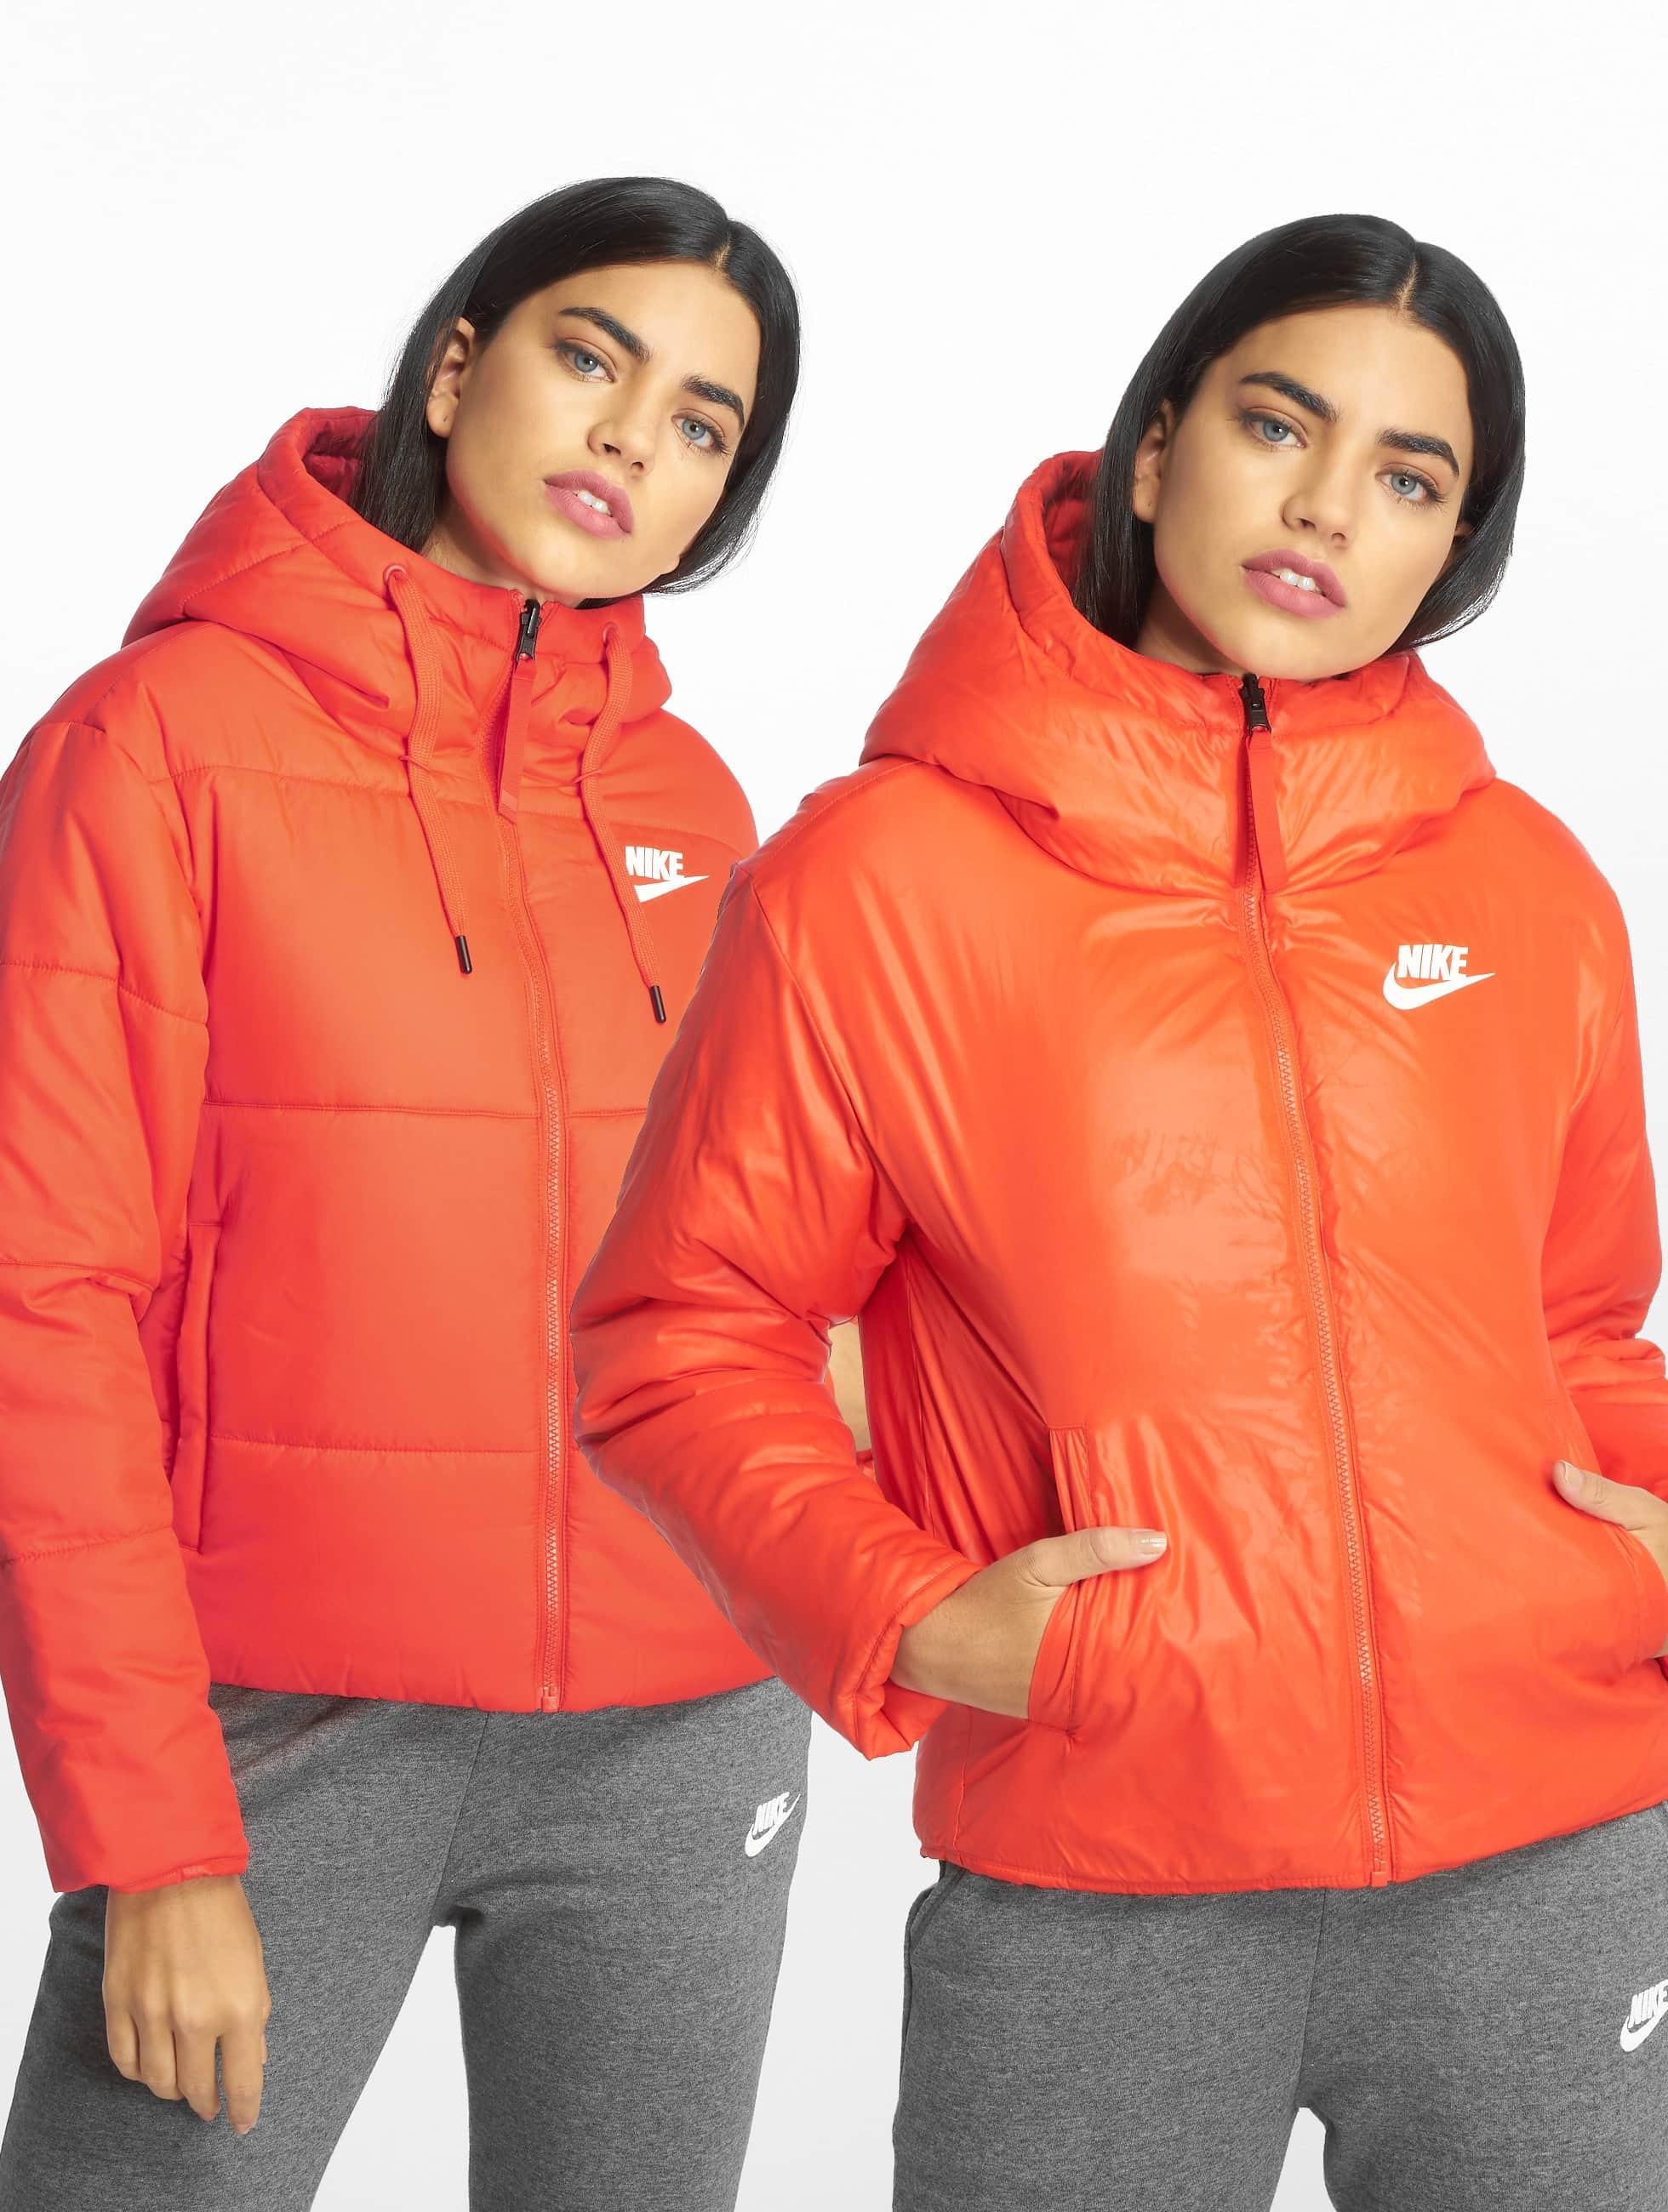 Nike Sportswear Redwhite Jacket Sportswear Sportswear Nike Redwhite Nike Jacket Habanero Habanero Xn8OPN0wk